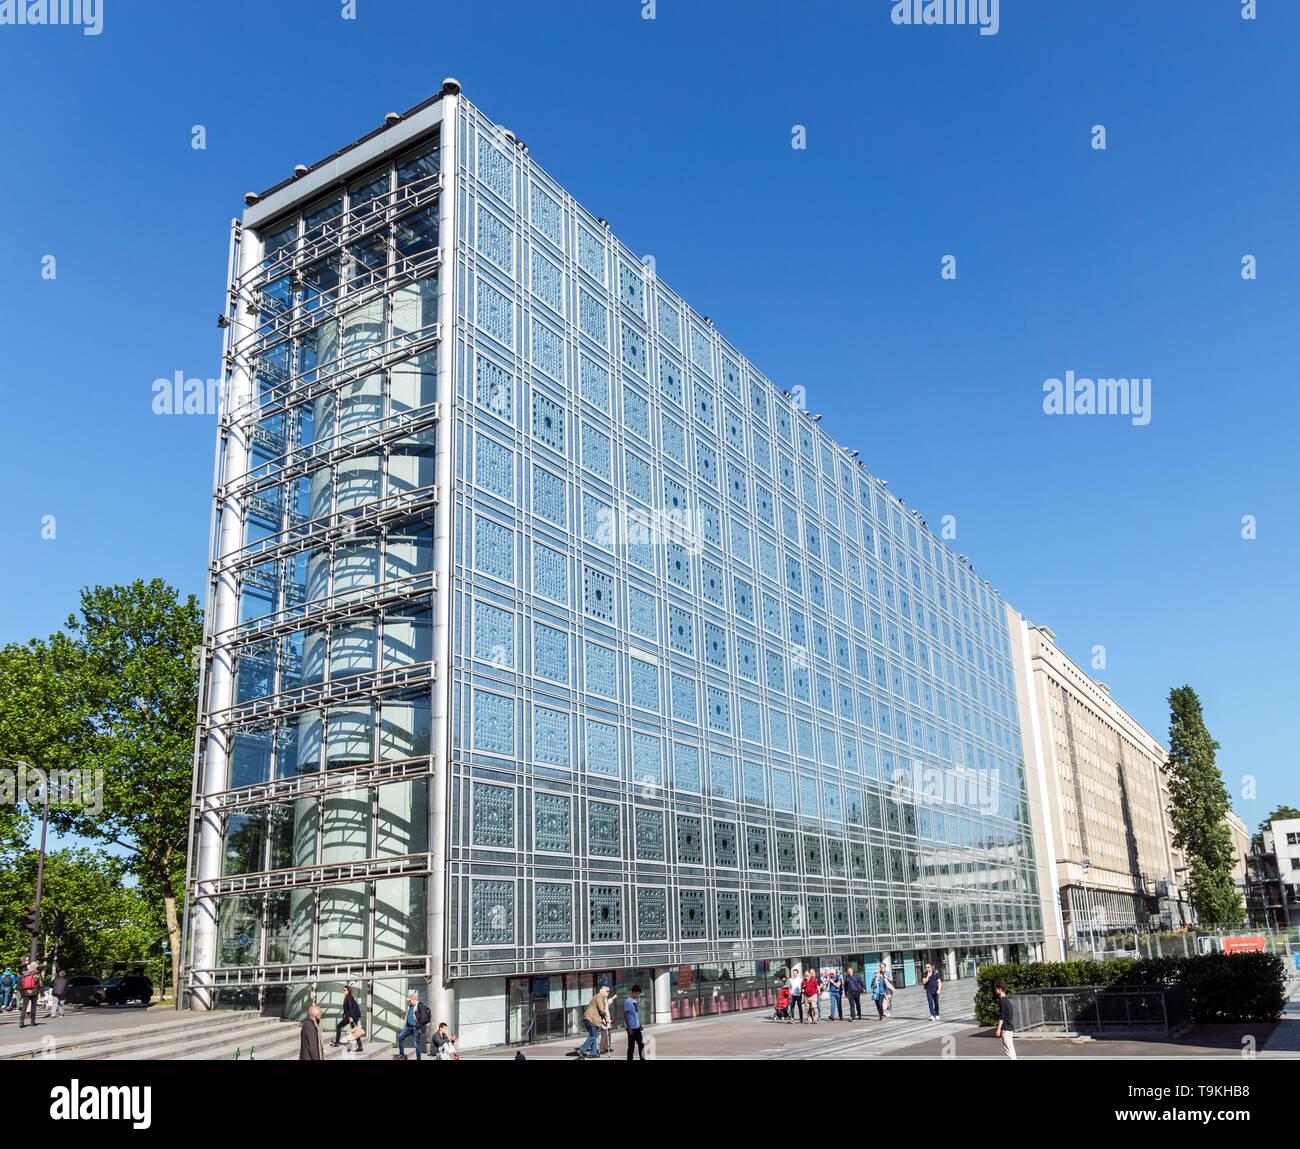 Arab World Institute building - Paris, France - Stock Image